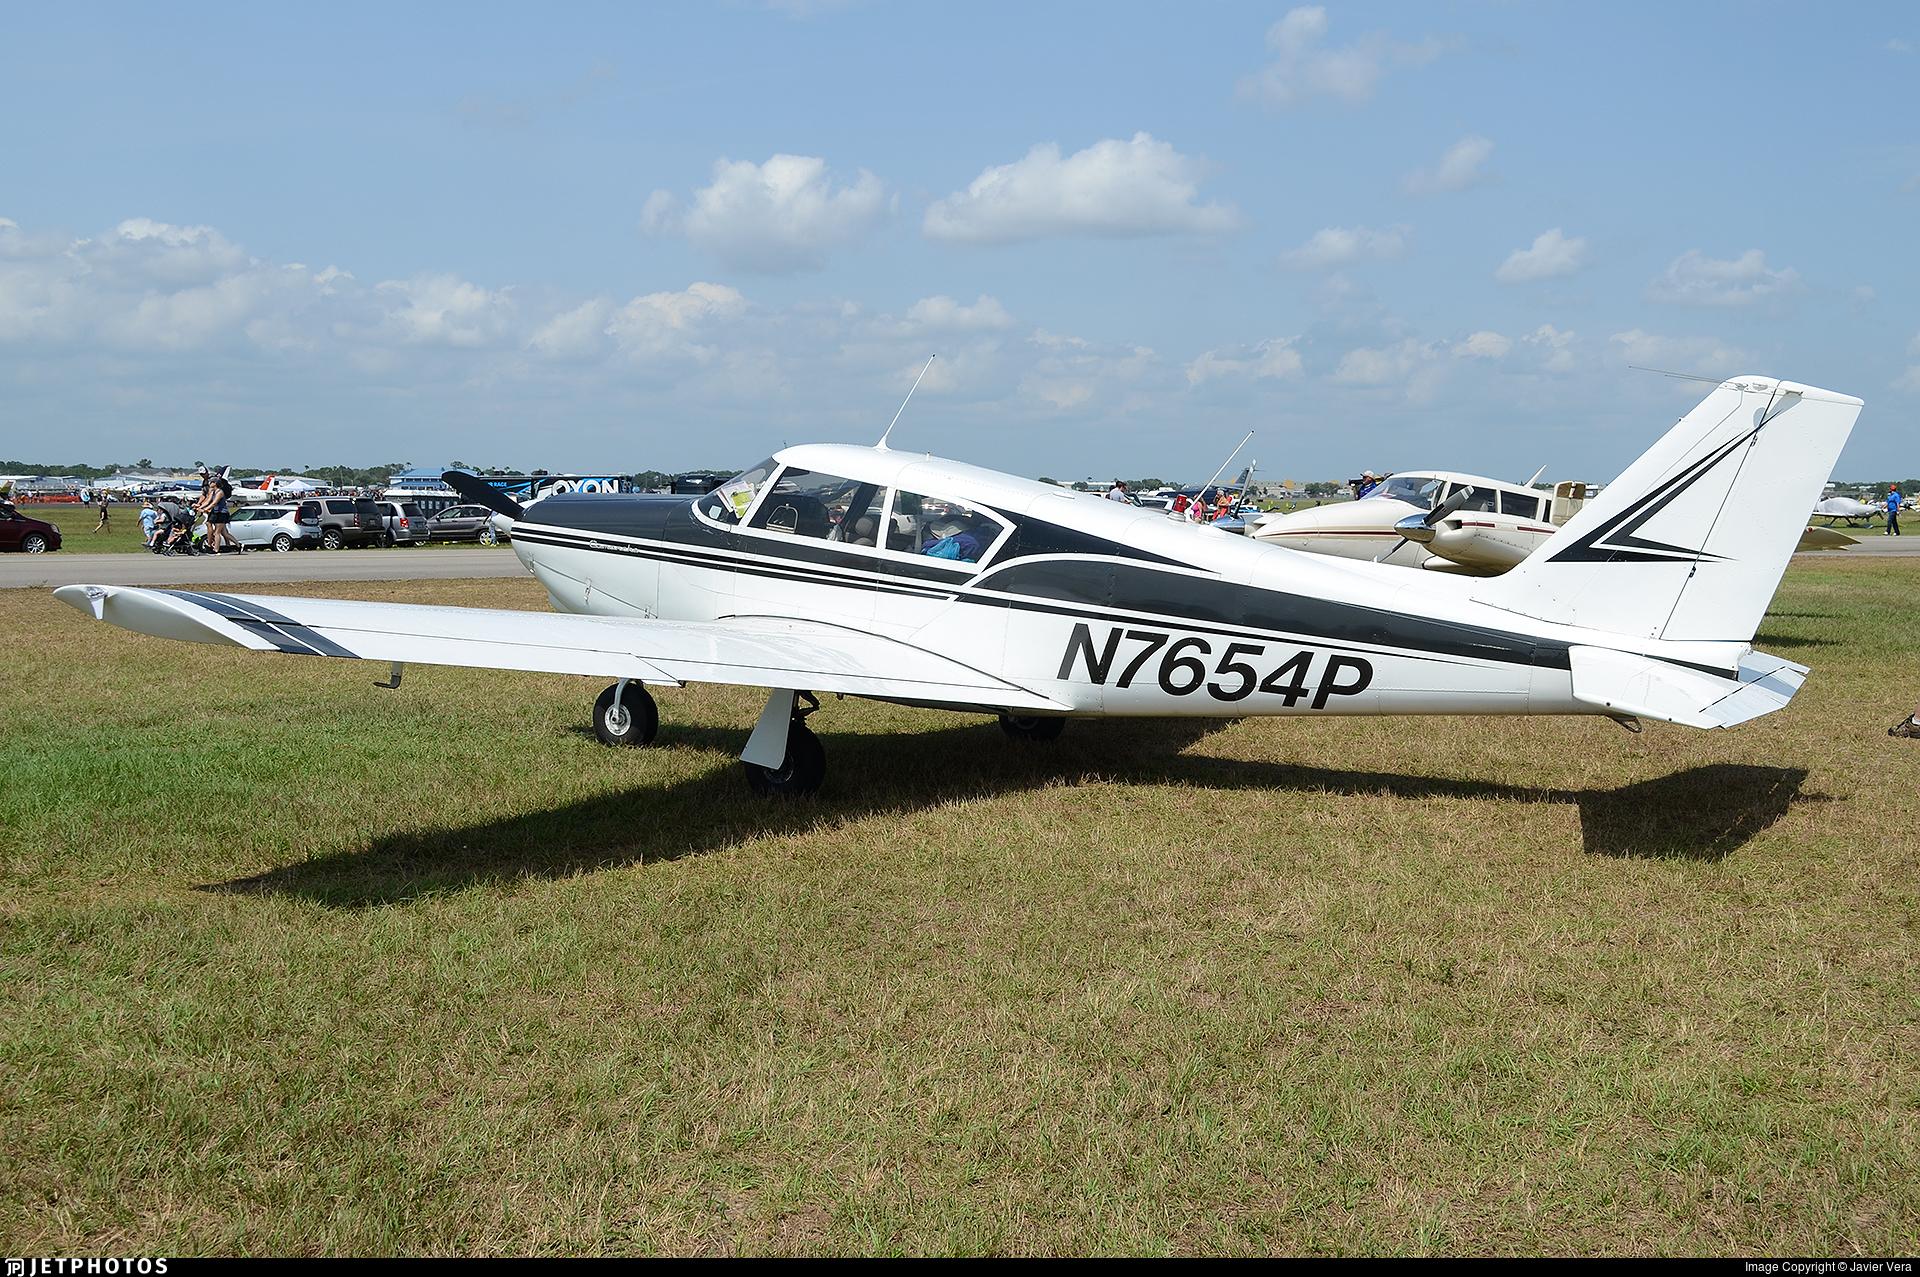 N7654P - Piper PA-24-180 Comanche - Private